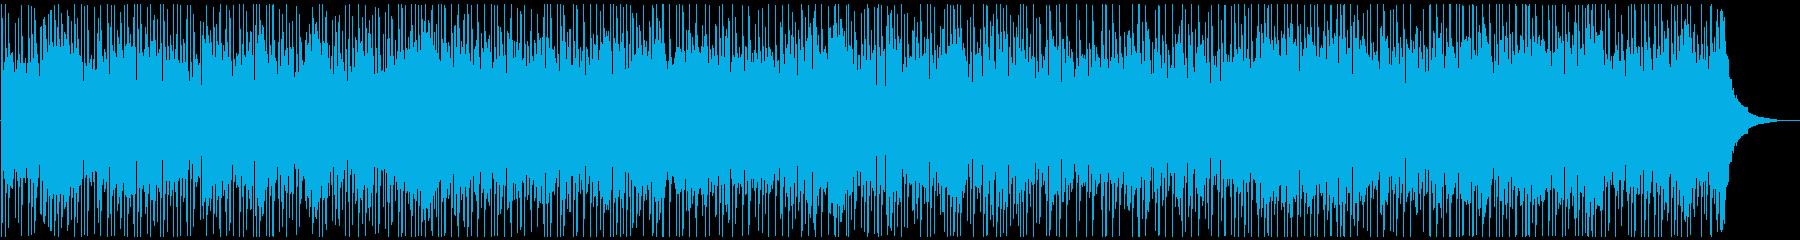 歯切れのいいカントリー調ロックの再生済みの波形